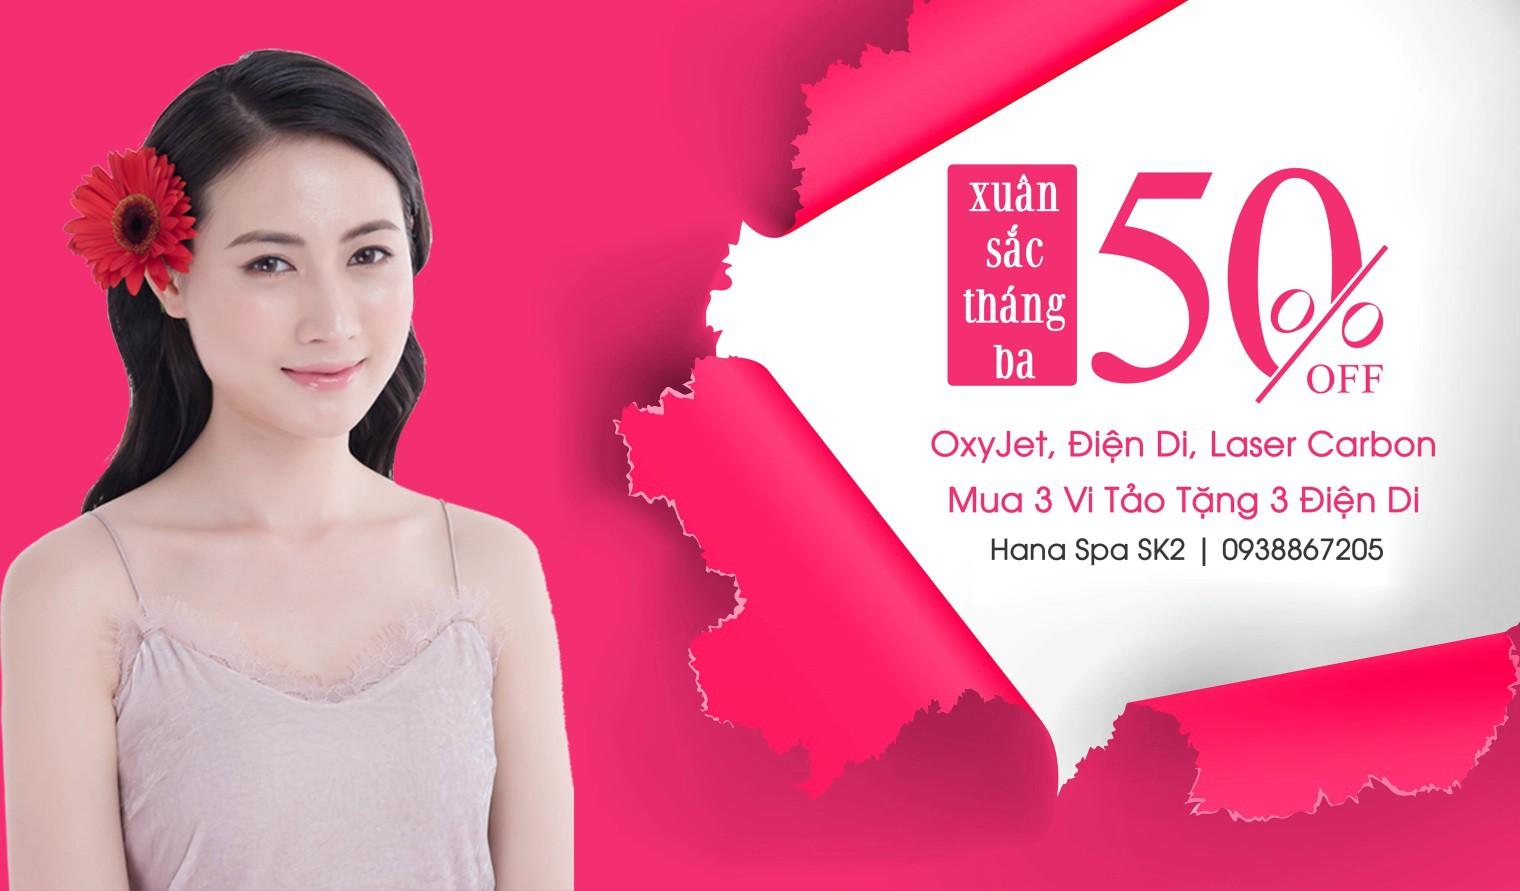 Quà tặng 8/3 hấp dẫn cho các nàng từ HANA Beauty Spa - Ảnh 4.